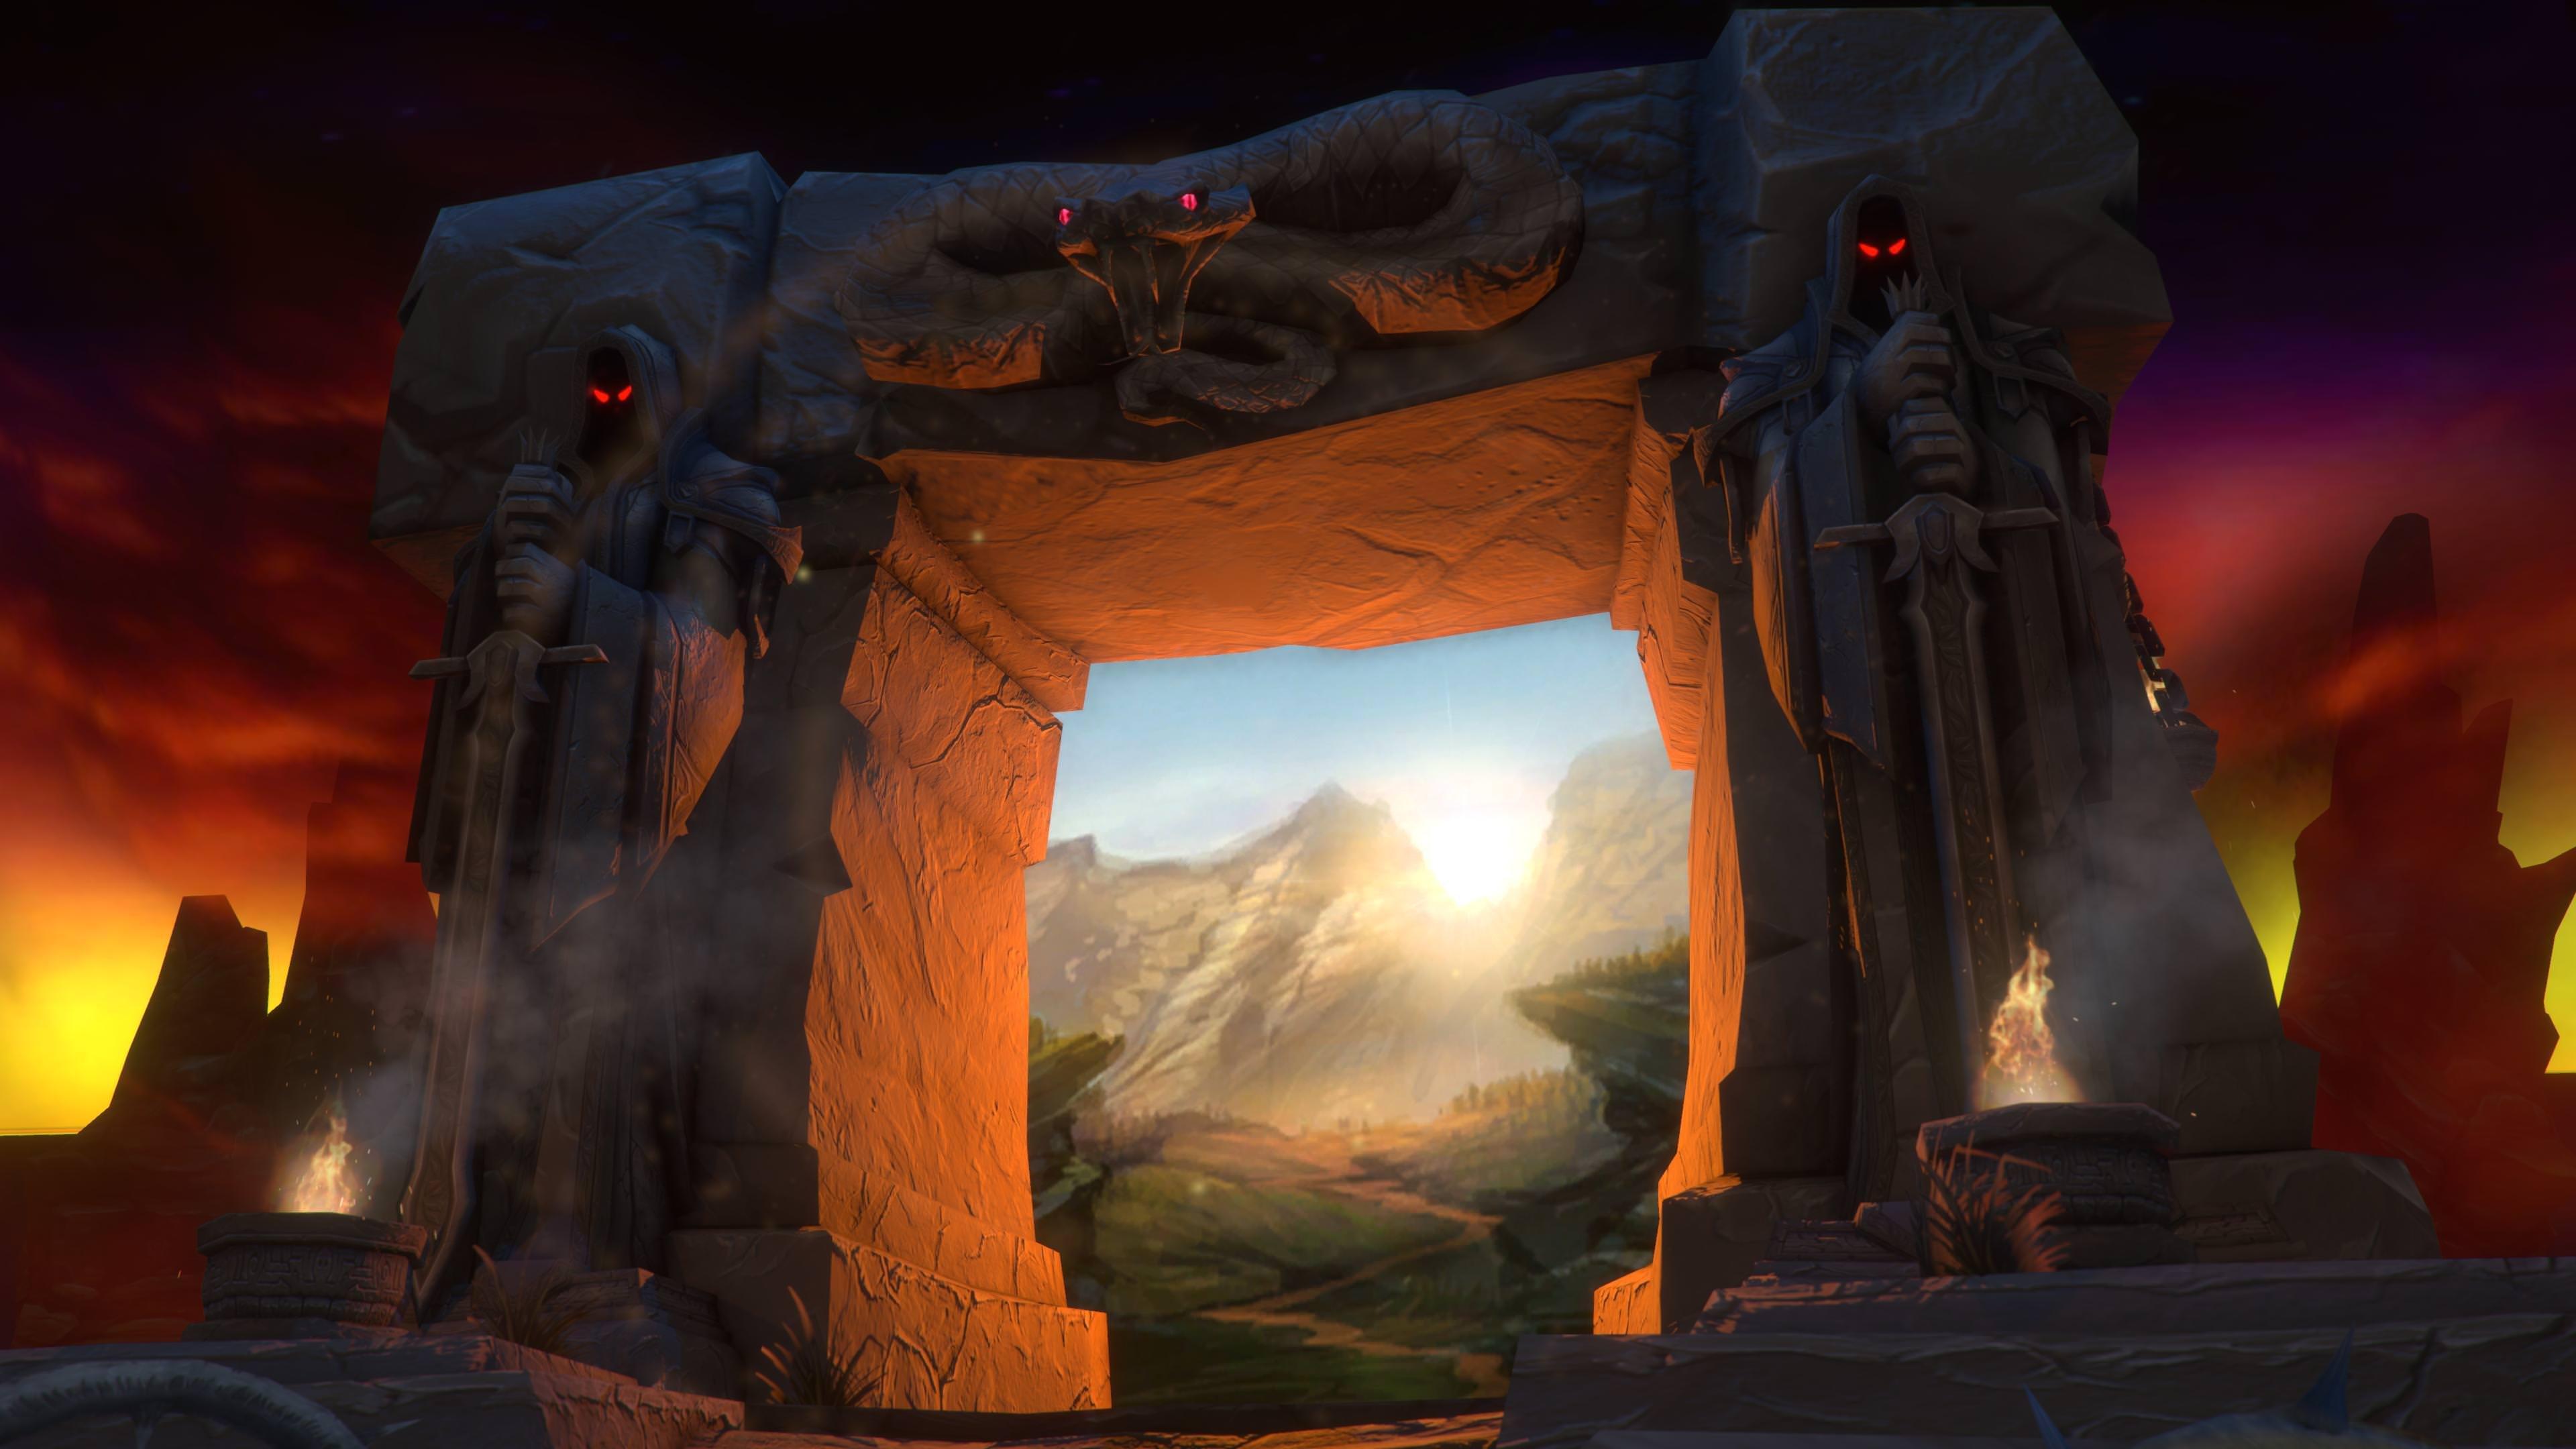 The Dark Portal 4K wallpaper